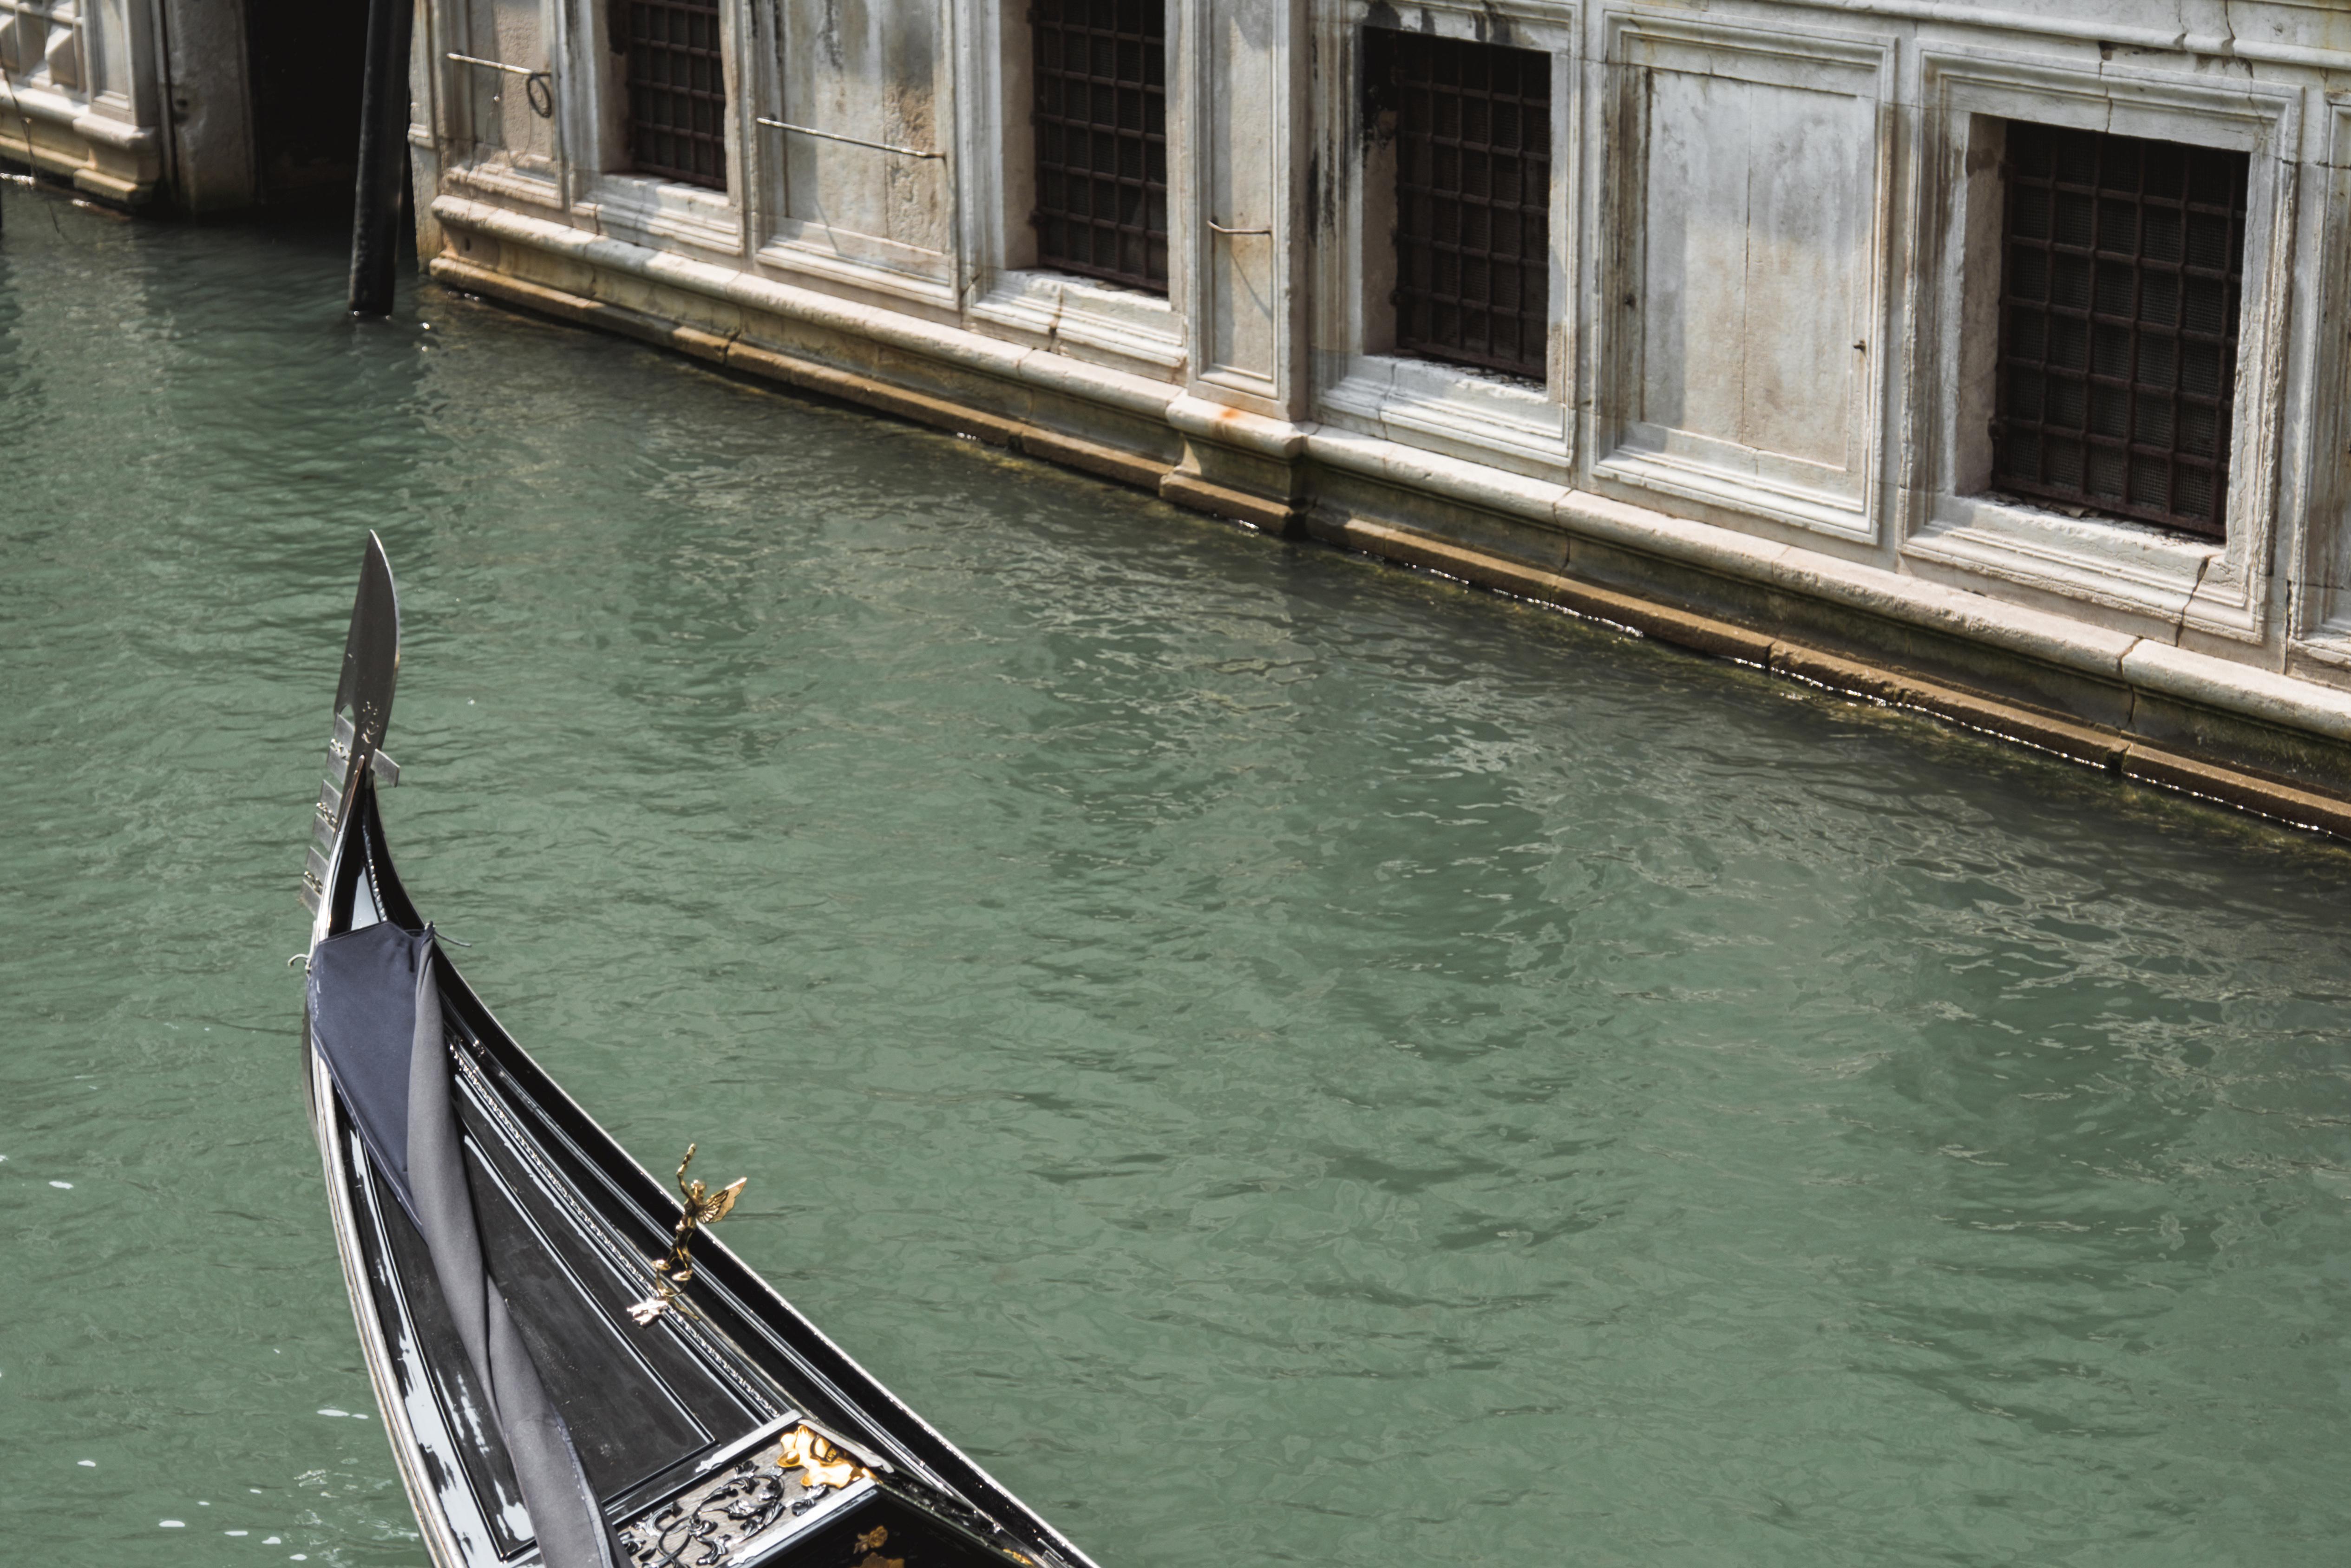 Une journee a Venise -Gondole-2